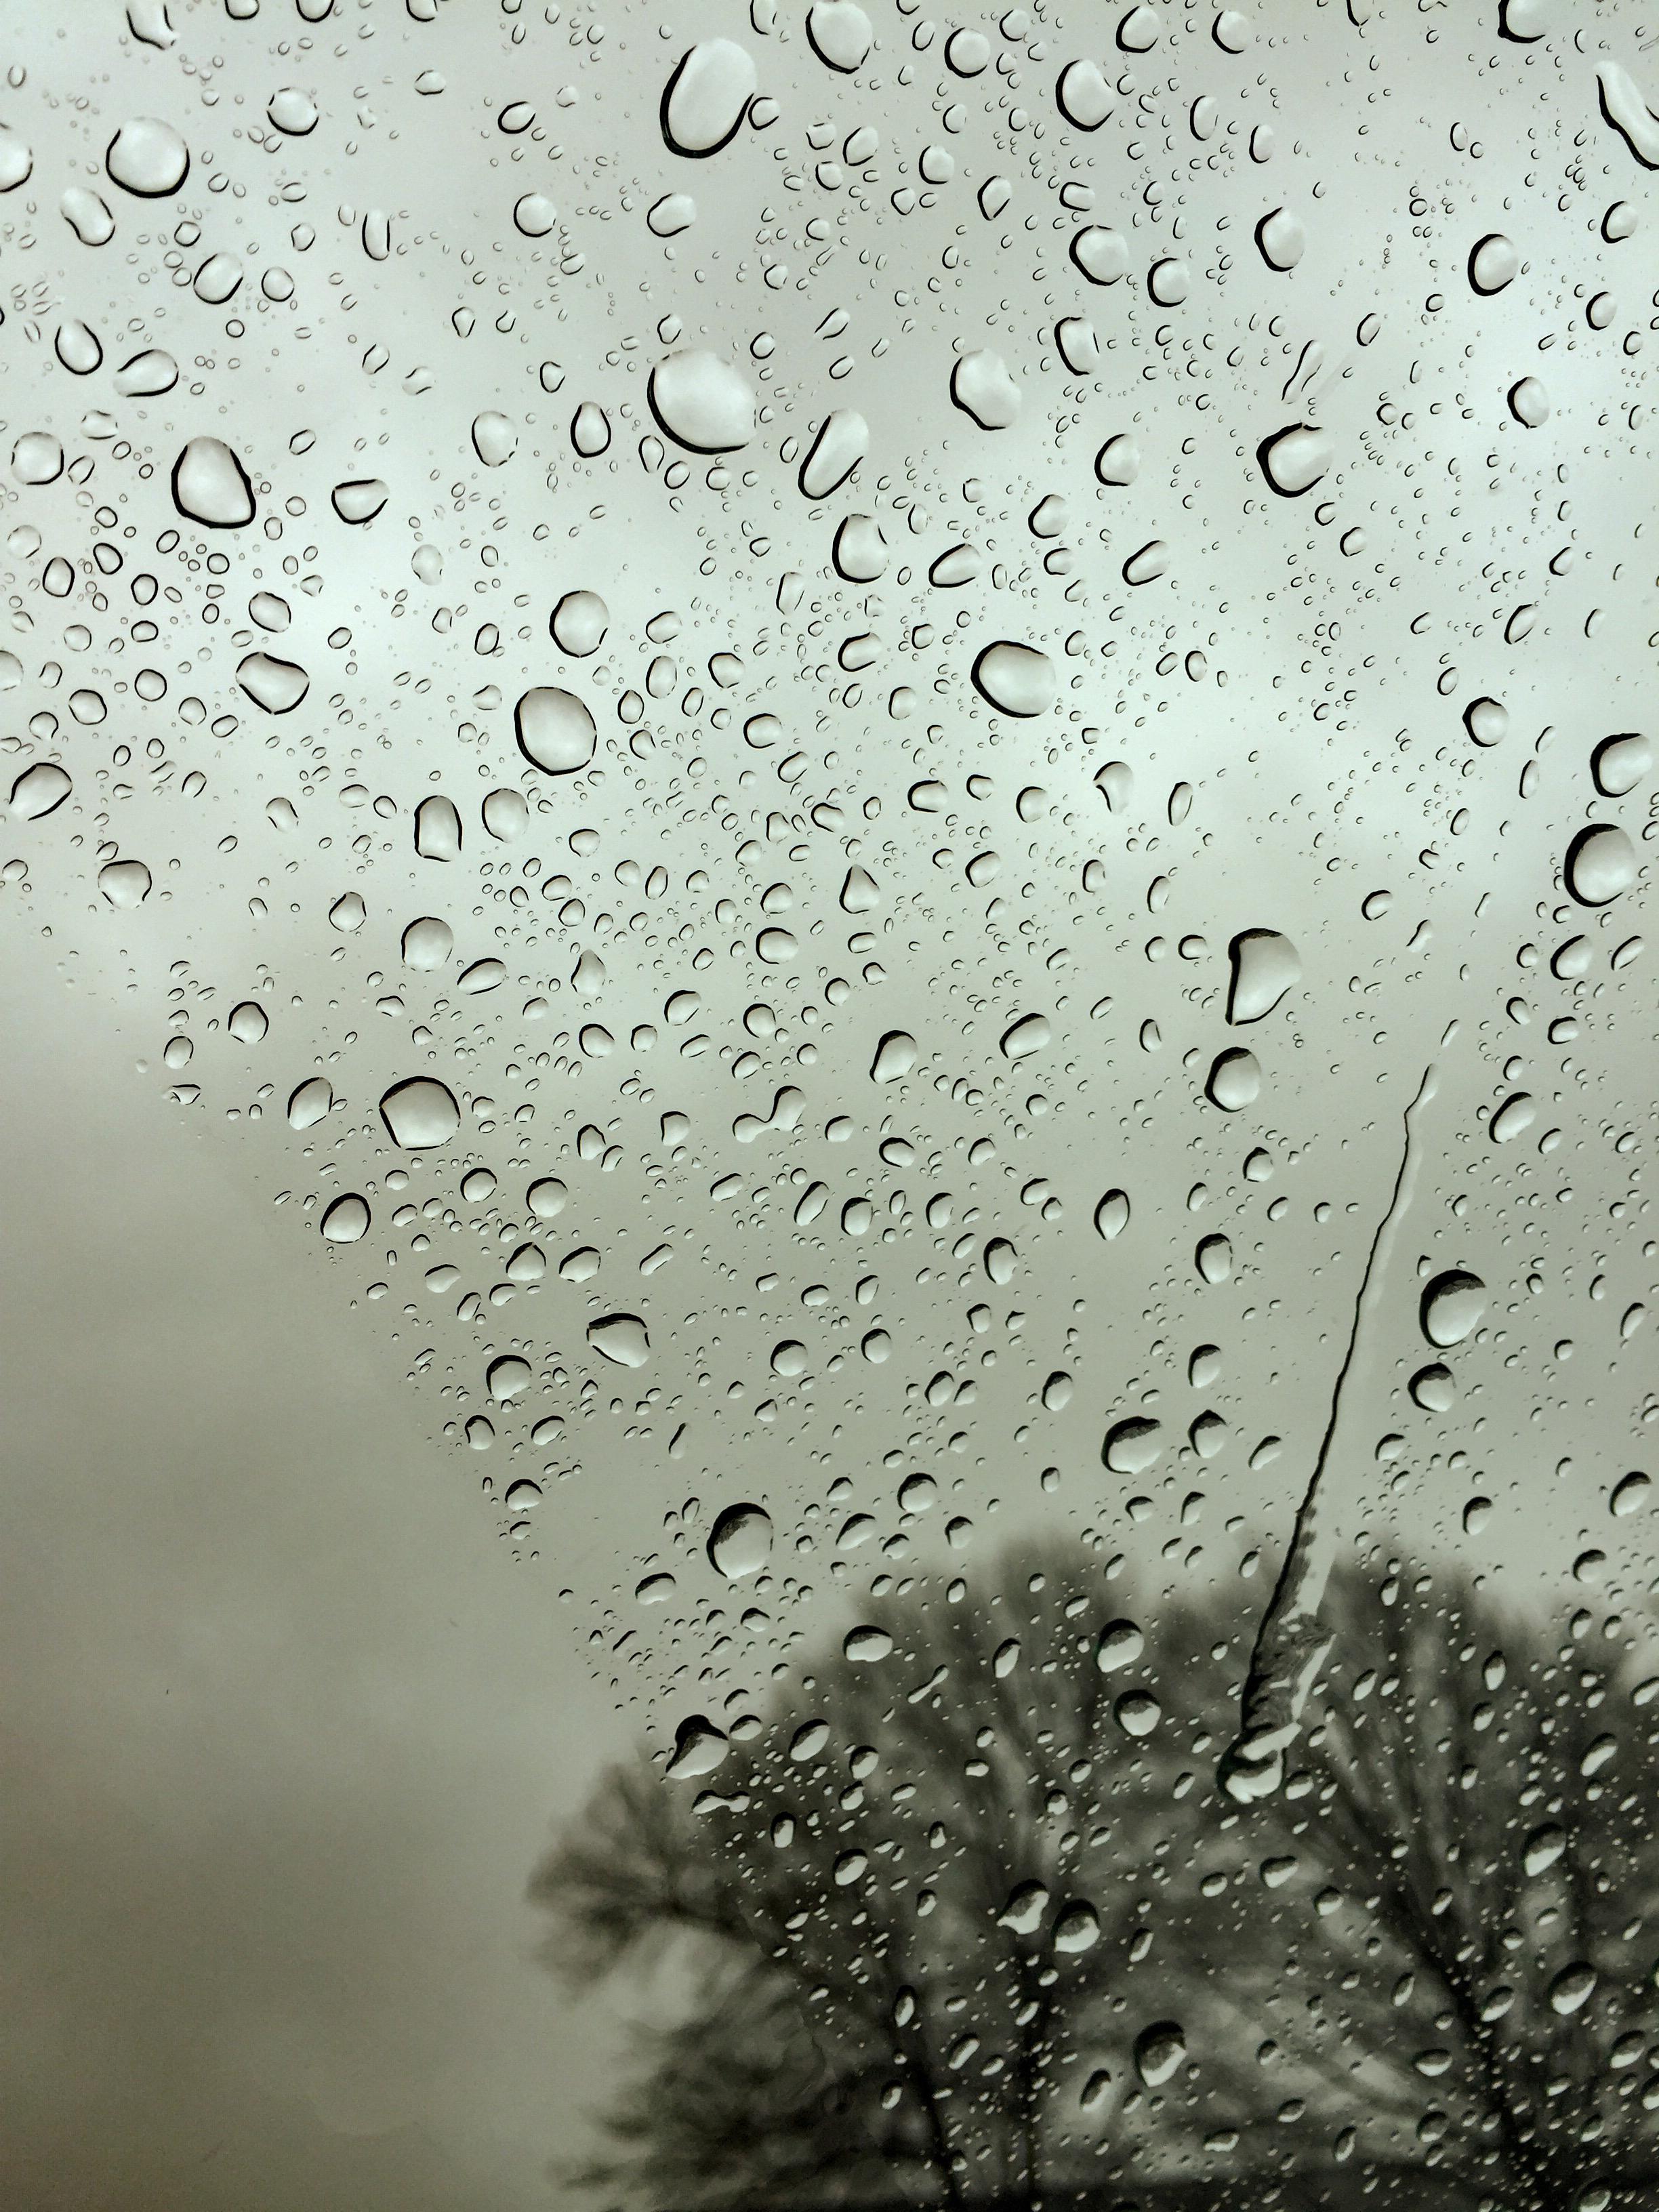 RainyWindshieldSummer